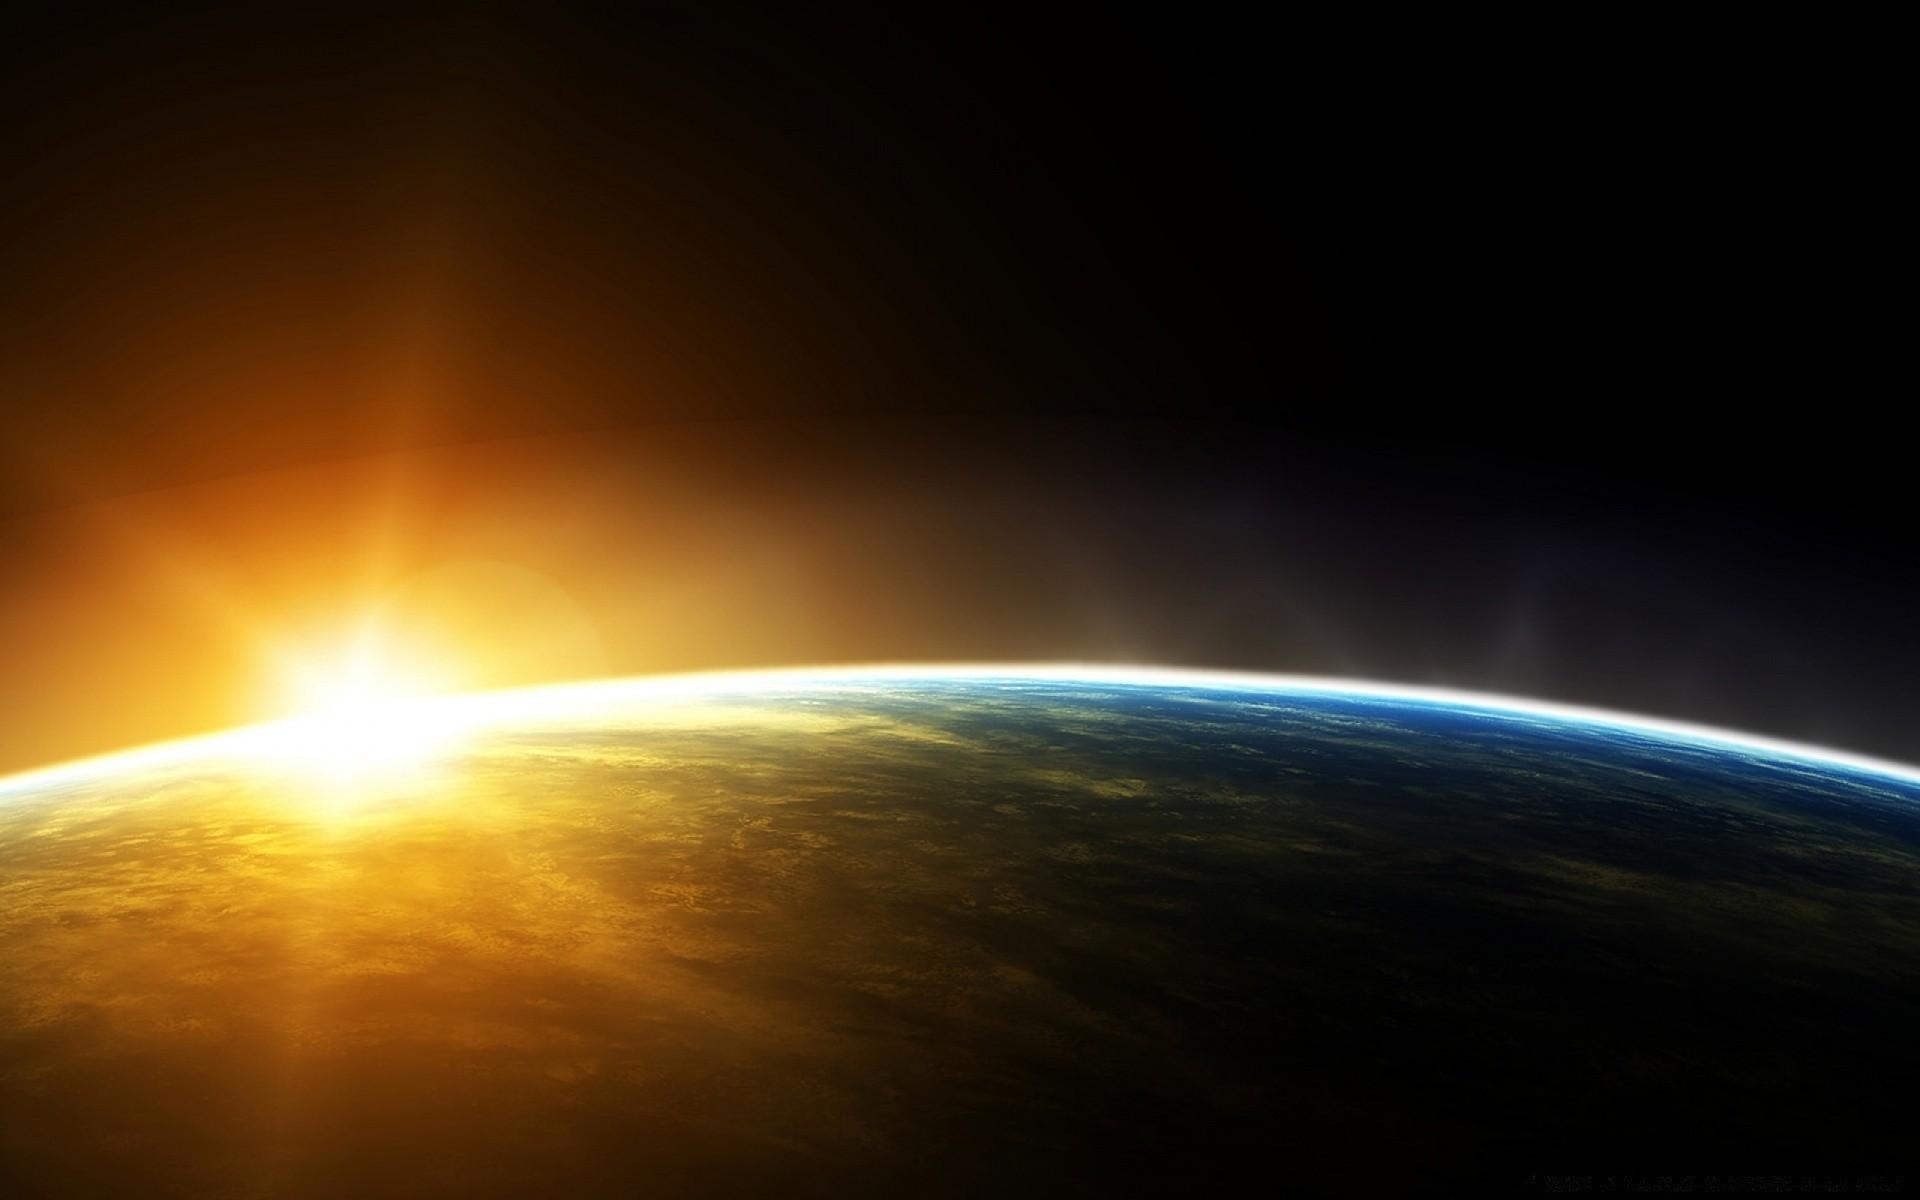 картинки планета земля на рассвете напоследок поздравить свой